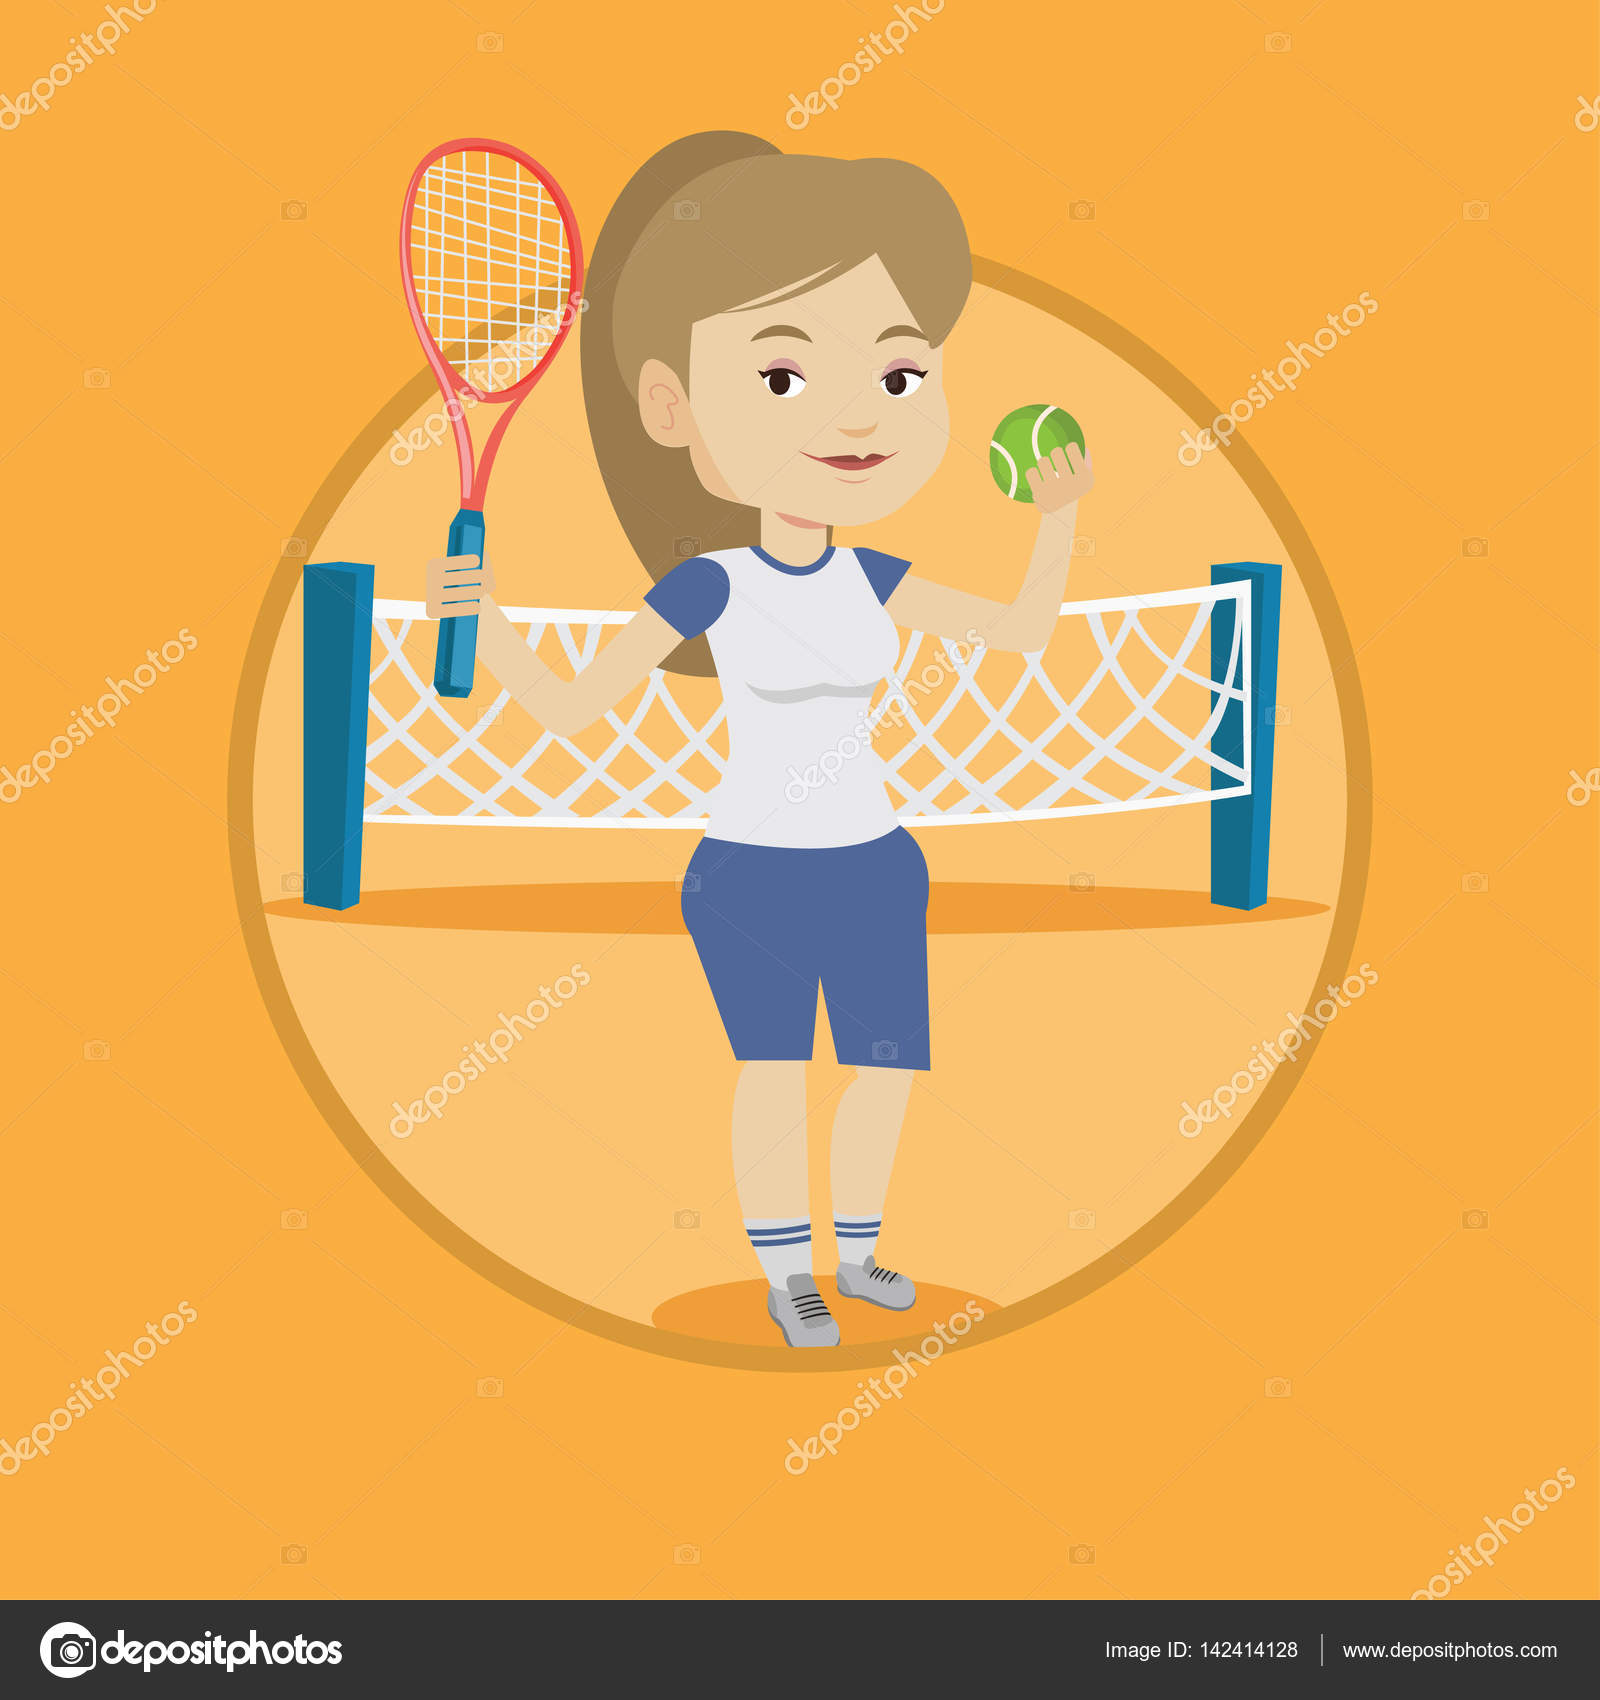 Tenis pelota stock de ilustracion ilustracion libre de stock de - Cauc Sica Deportista Jugando Al Tenis Sonriente El Jugador Parado En La Cancha Jugador De Tenis Con Una Raqueta Y Una Pelota Ilustraci N De Dise O Plano